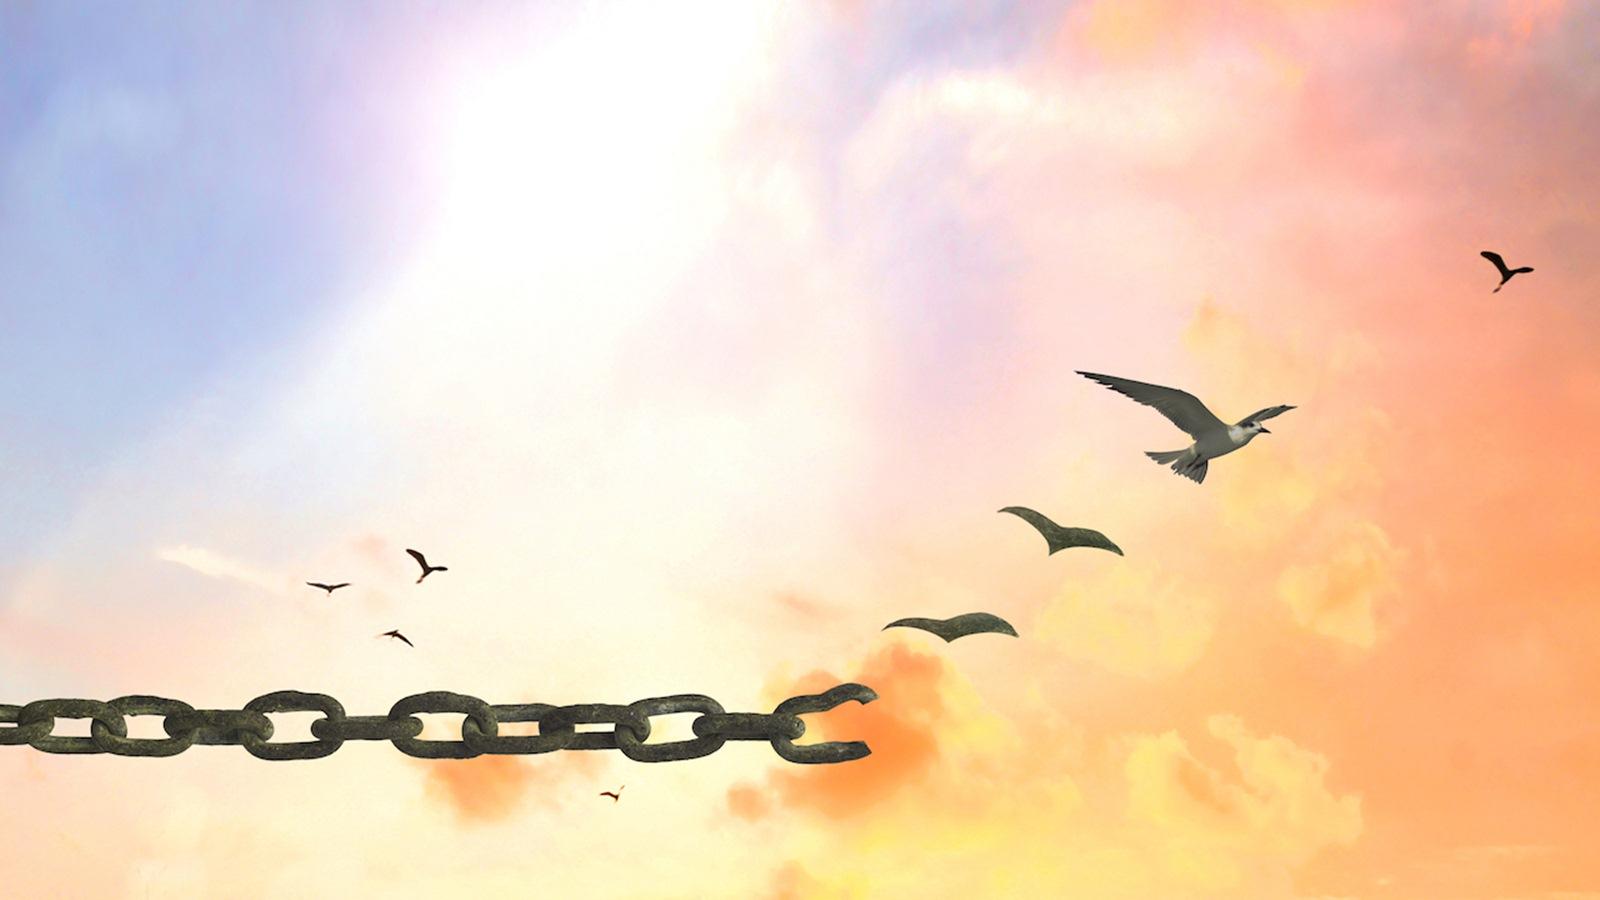 Tại sao chúng ta nên tha thứ cho người khác?